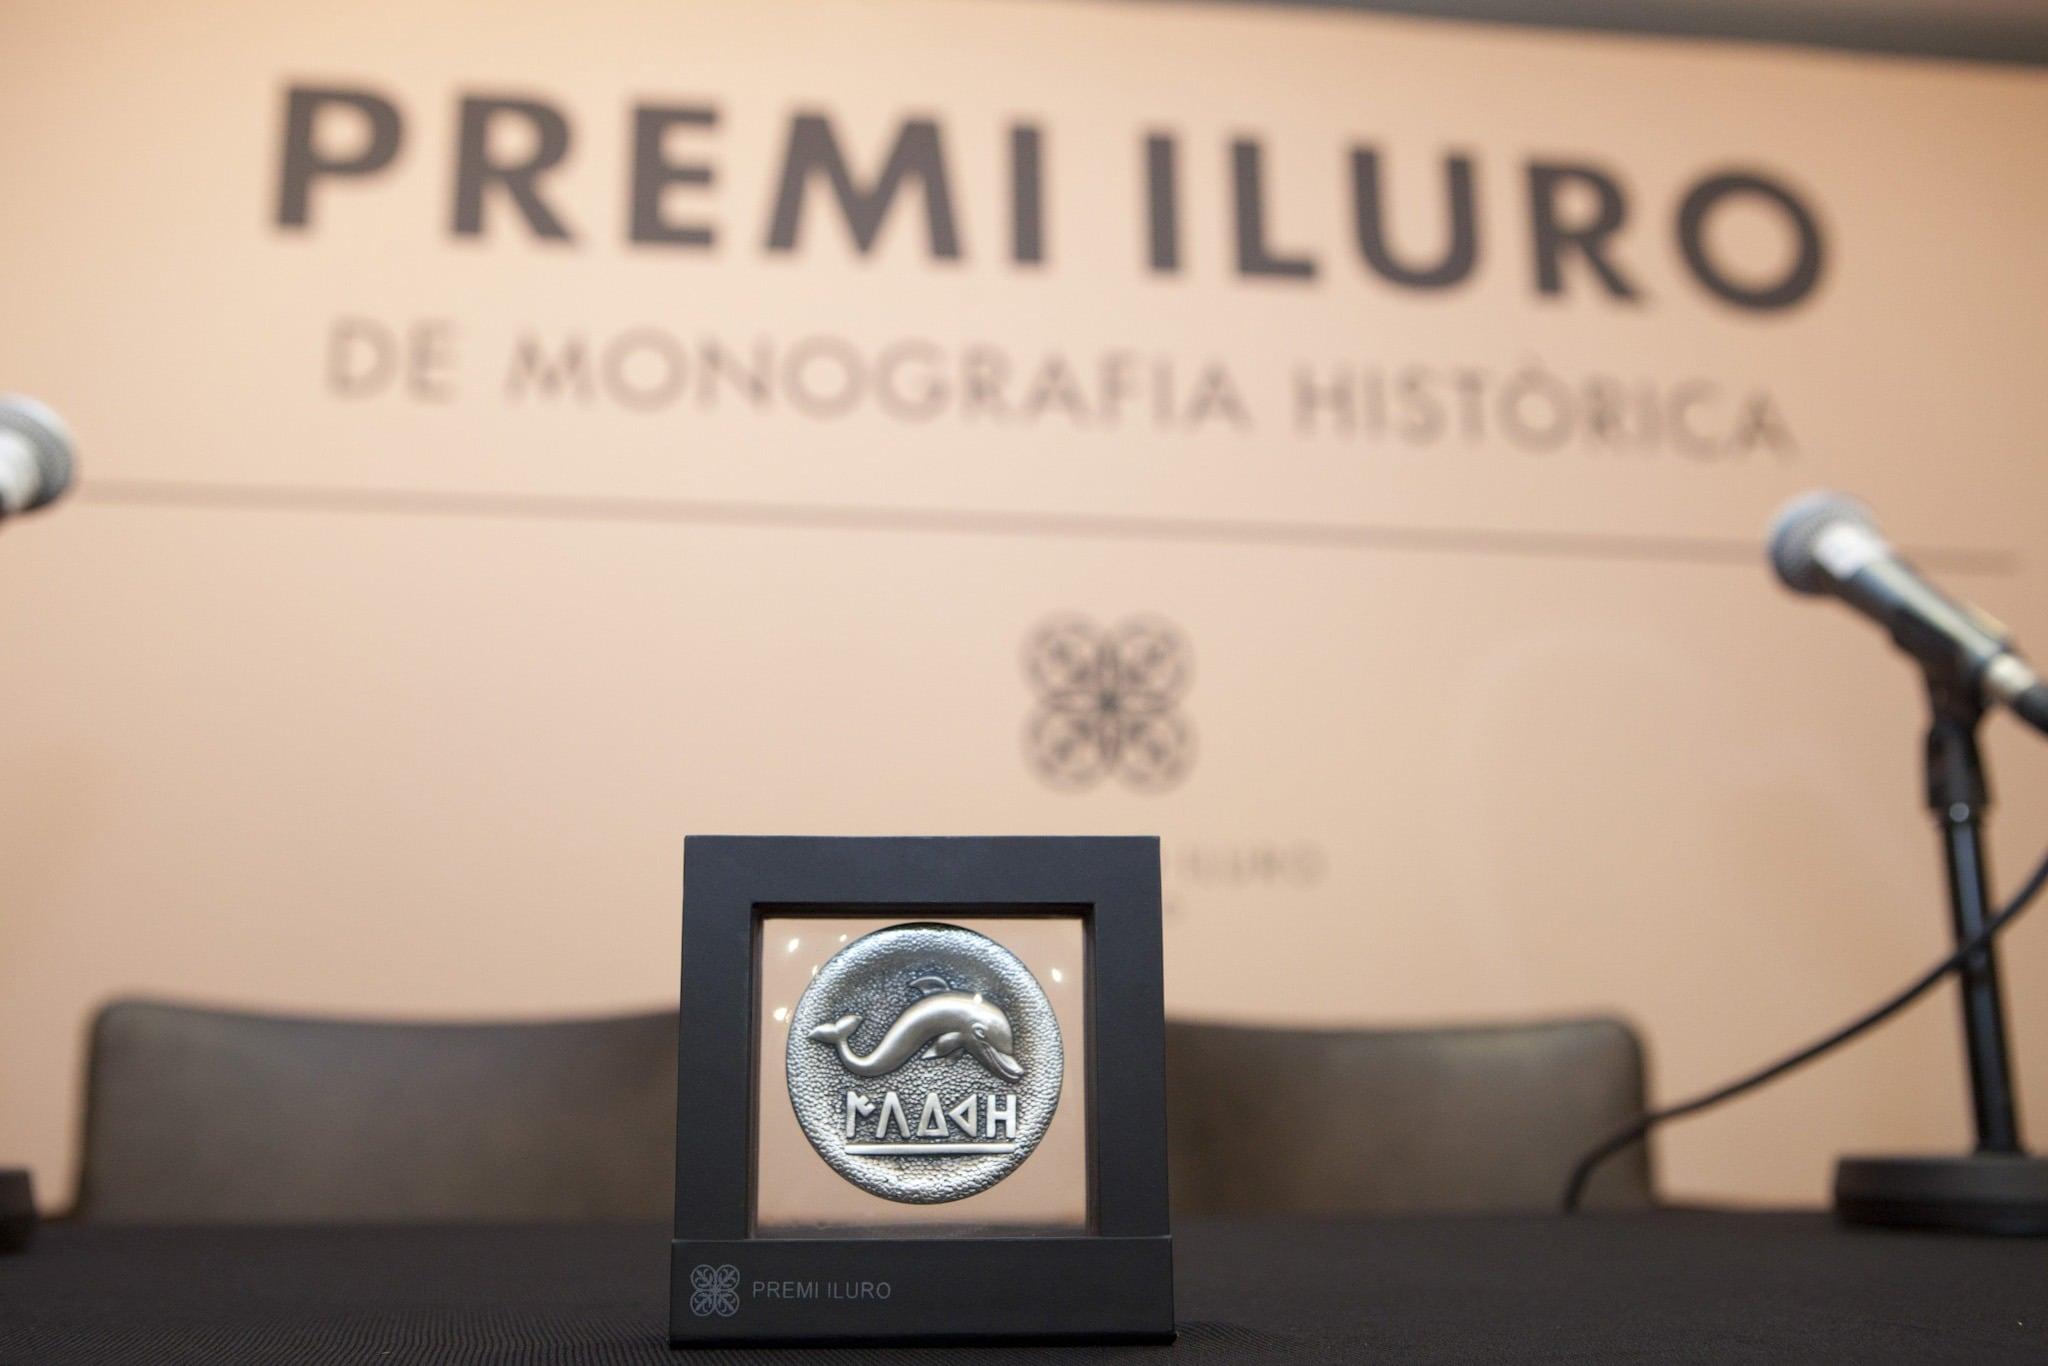 Premi Iluro